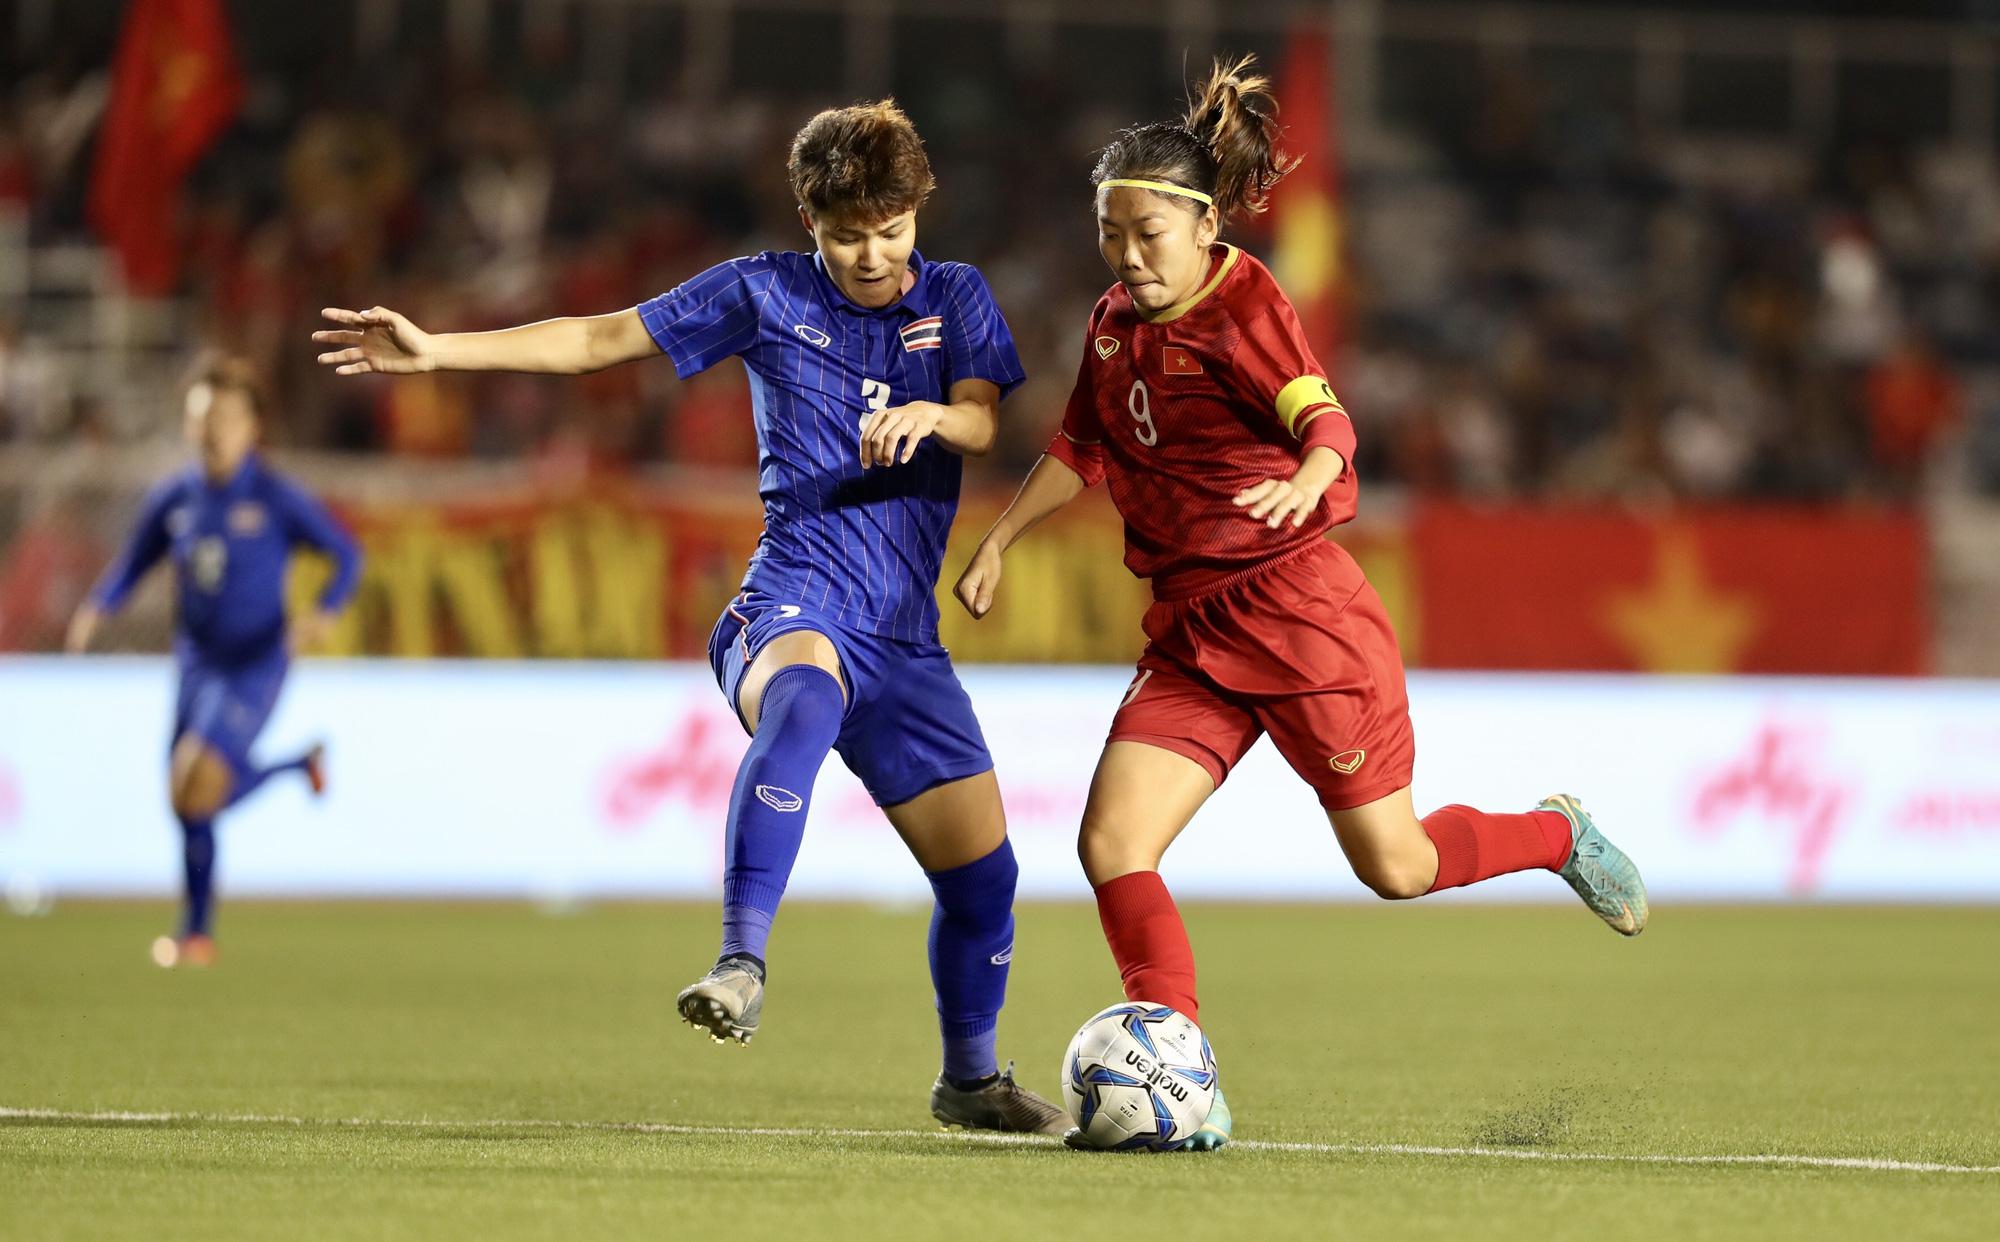 Tiền đạo Huỳnh Như: Đội trưởng gương mẫu tuyển bóng đá nữ quốc gia - Báo Người lao động